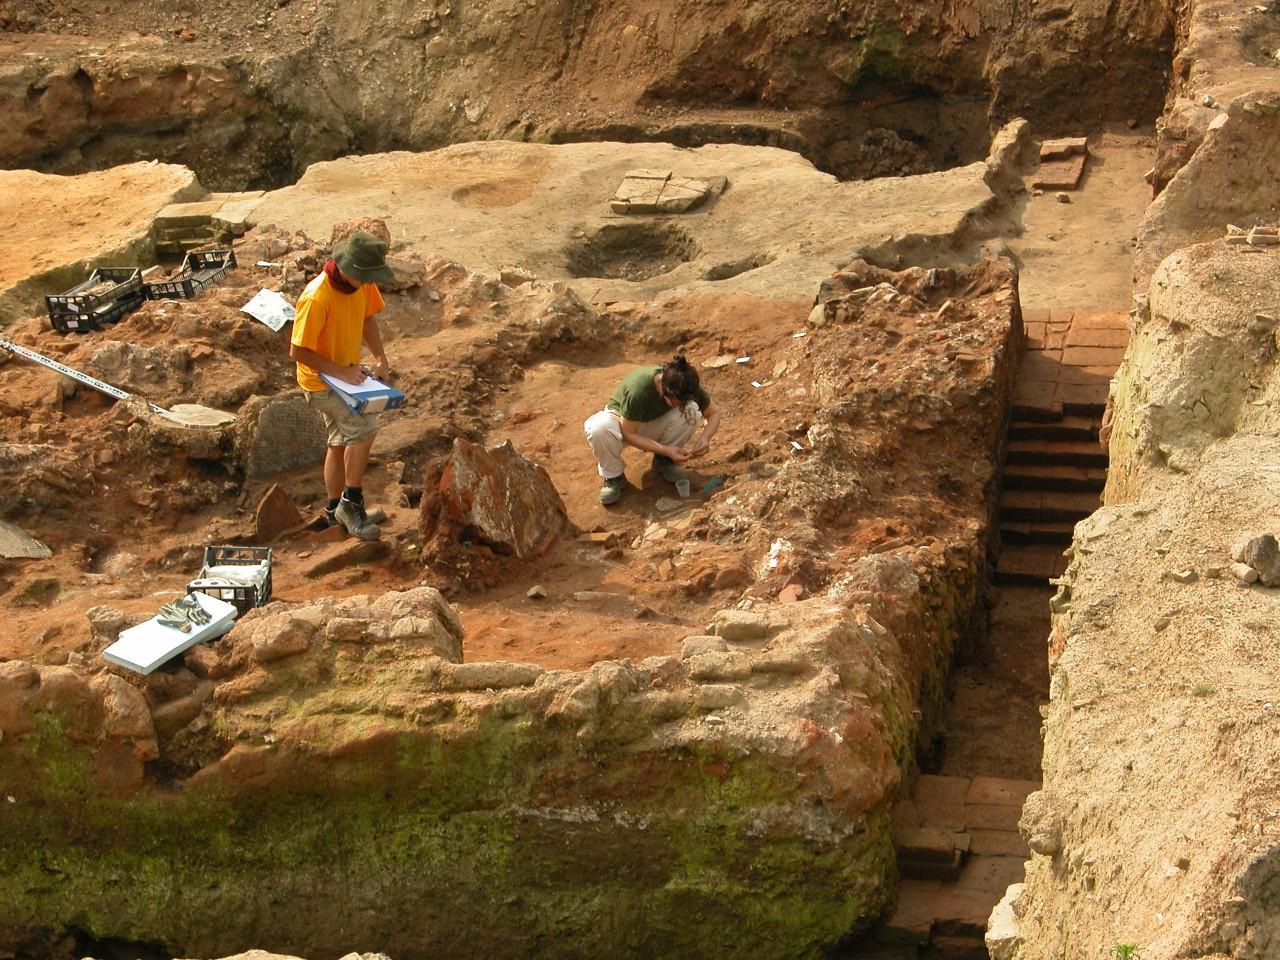 Participez à des fouilles archéologiques bénévoles : comment postuler?